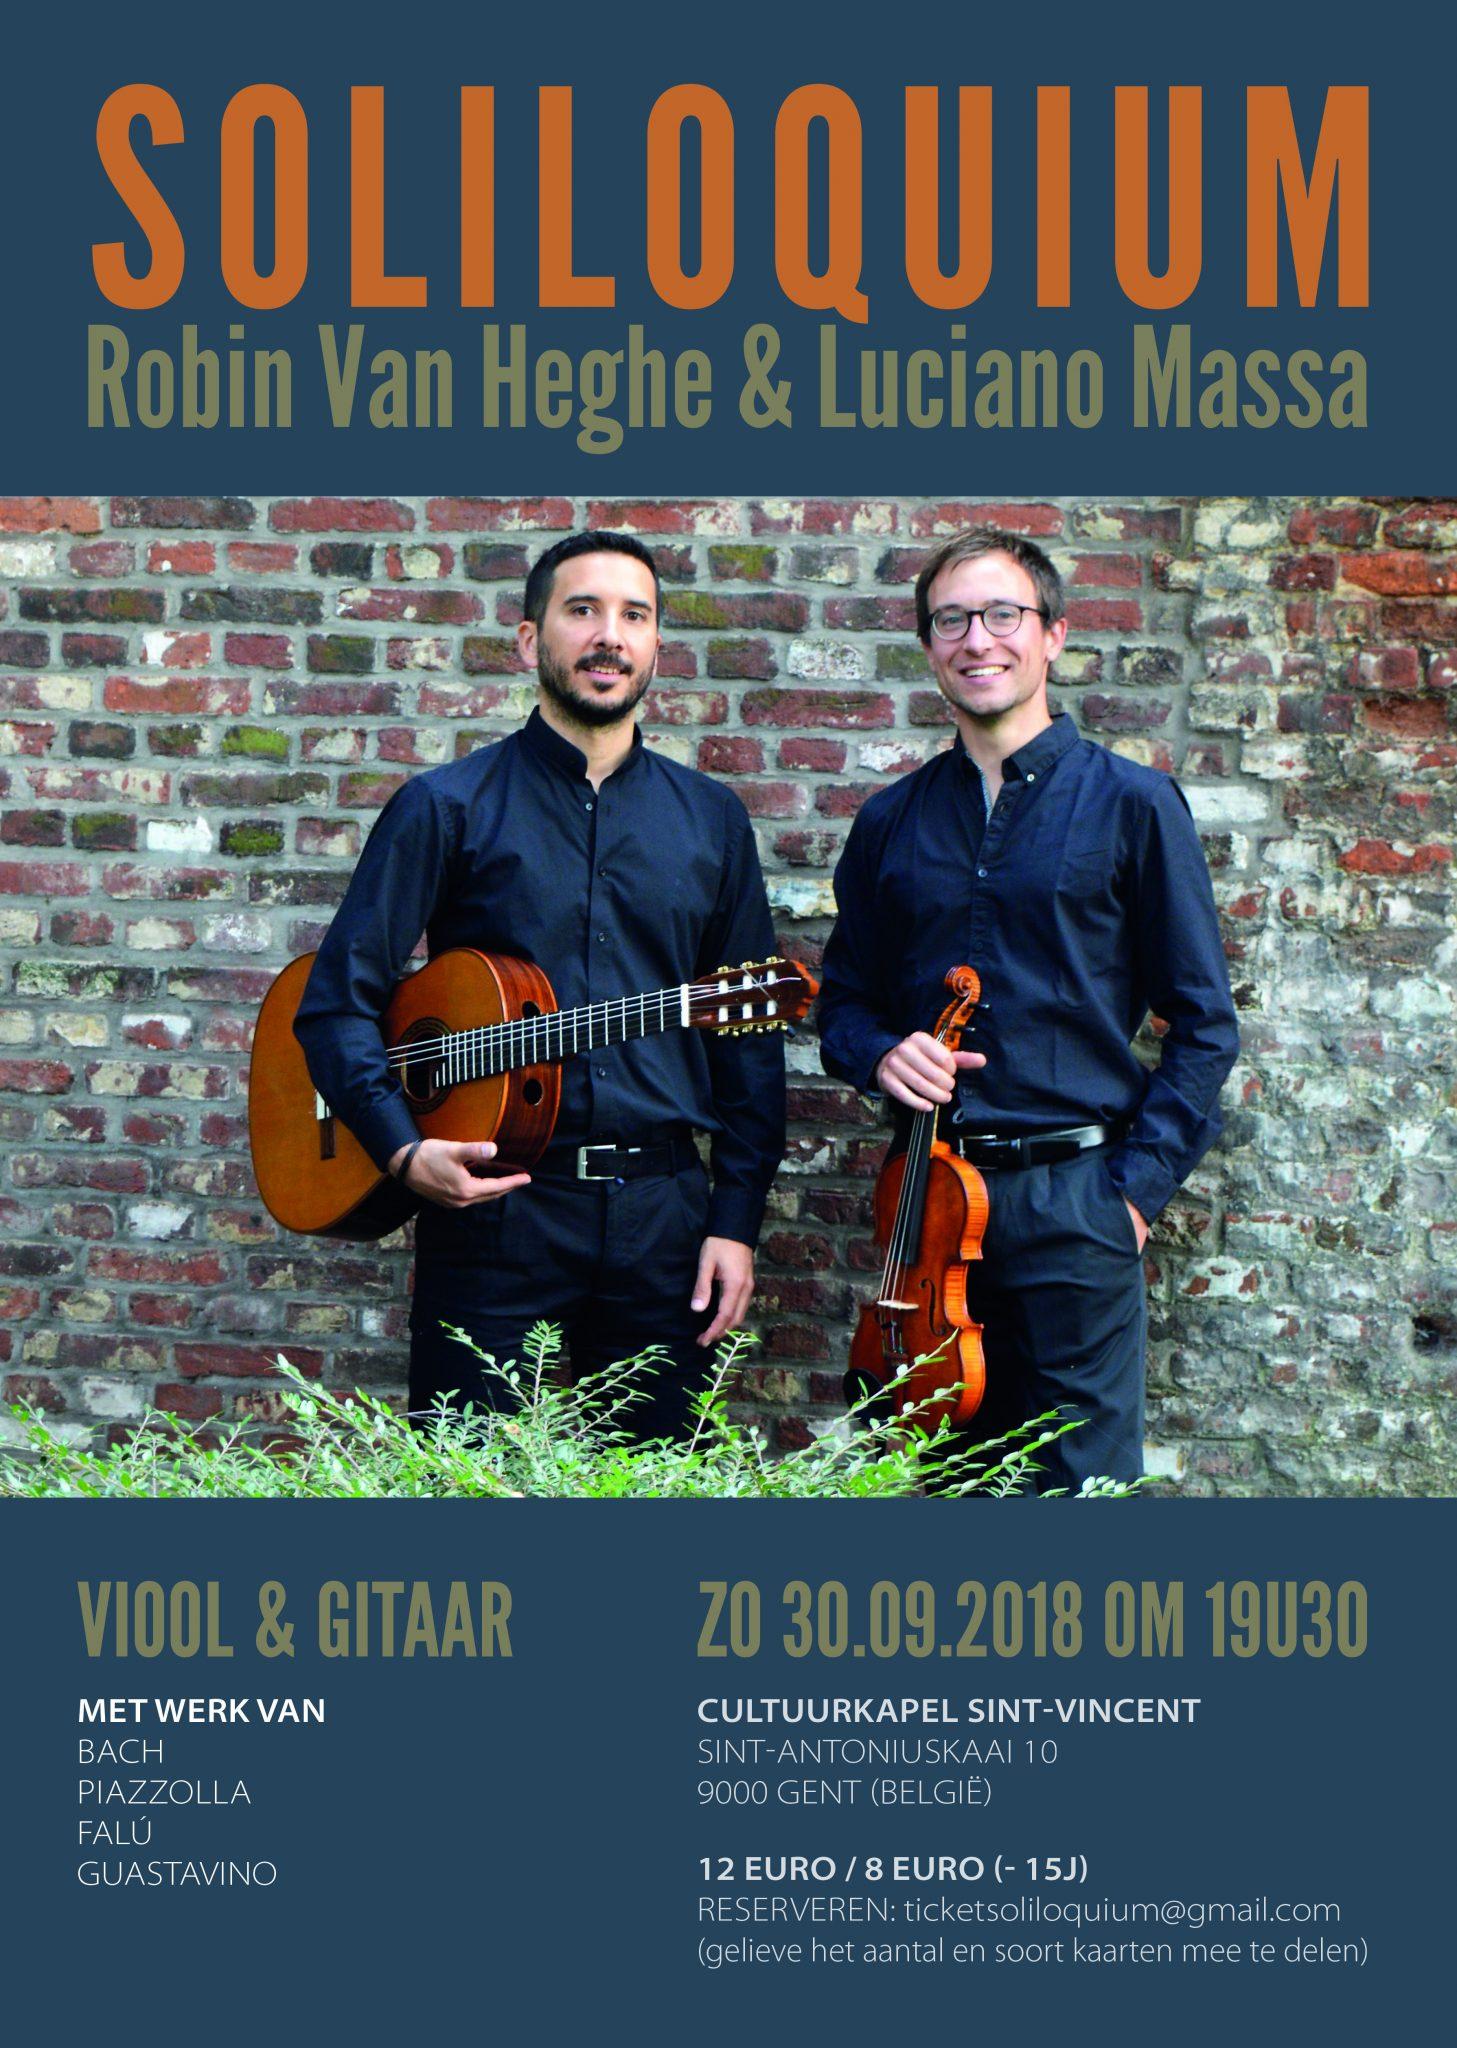 Soliloquium (Luciano Massa en Robin Van Heghe) @ Cultuurkapel Sint-Vincent | Gent | Vlaanderen | België